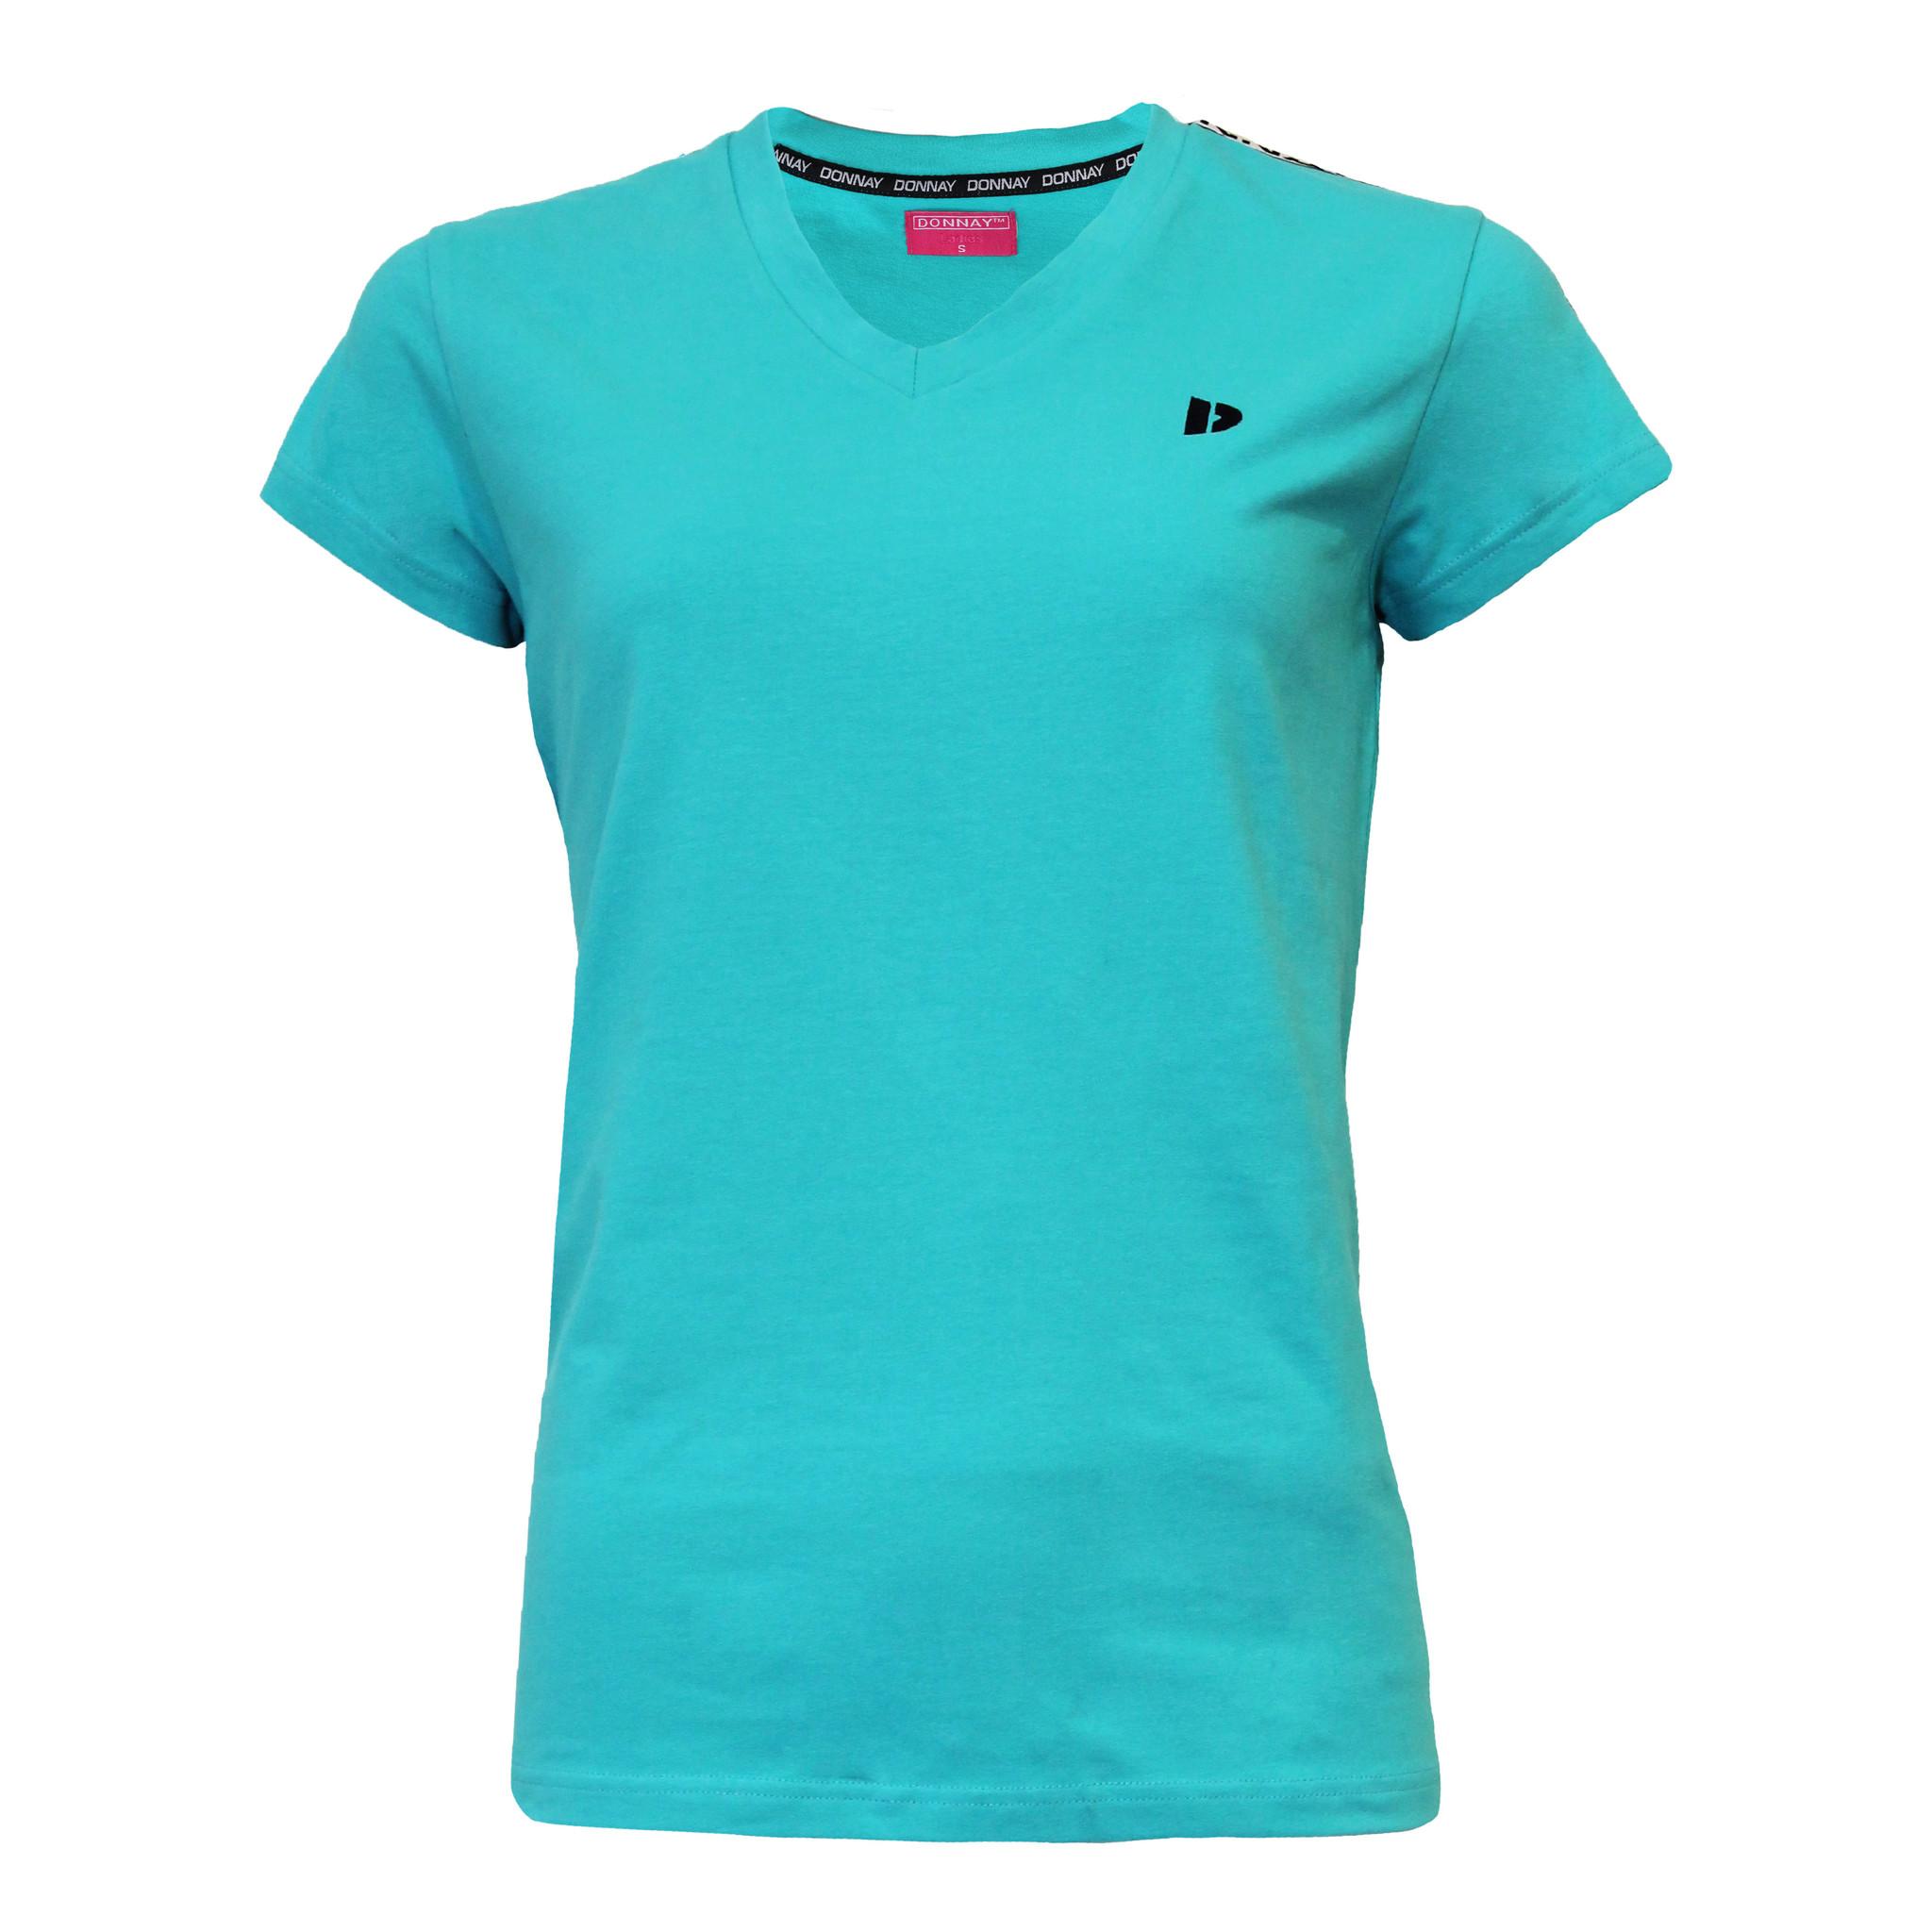 Donnay Donnay Dames - T-shirt Lois - Oceaan Groen